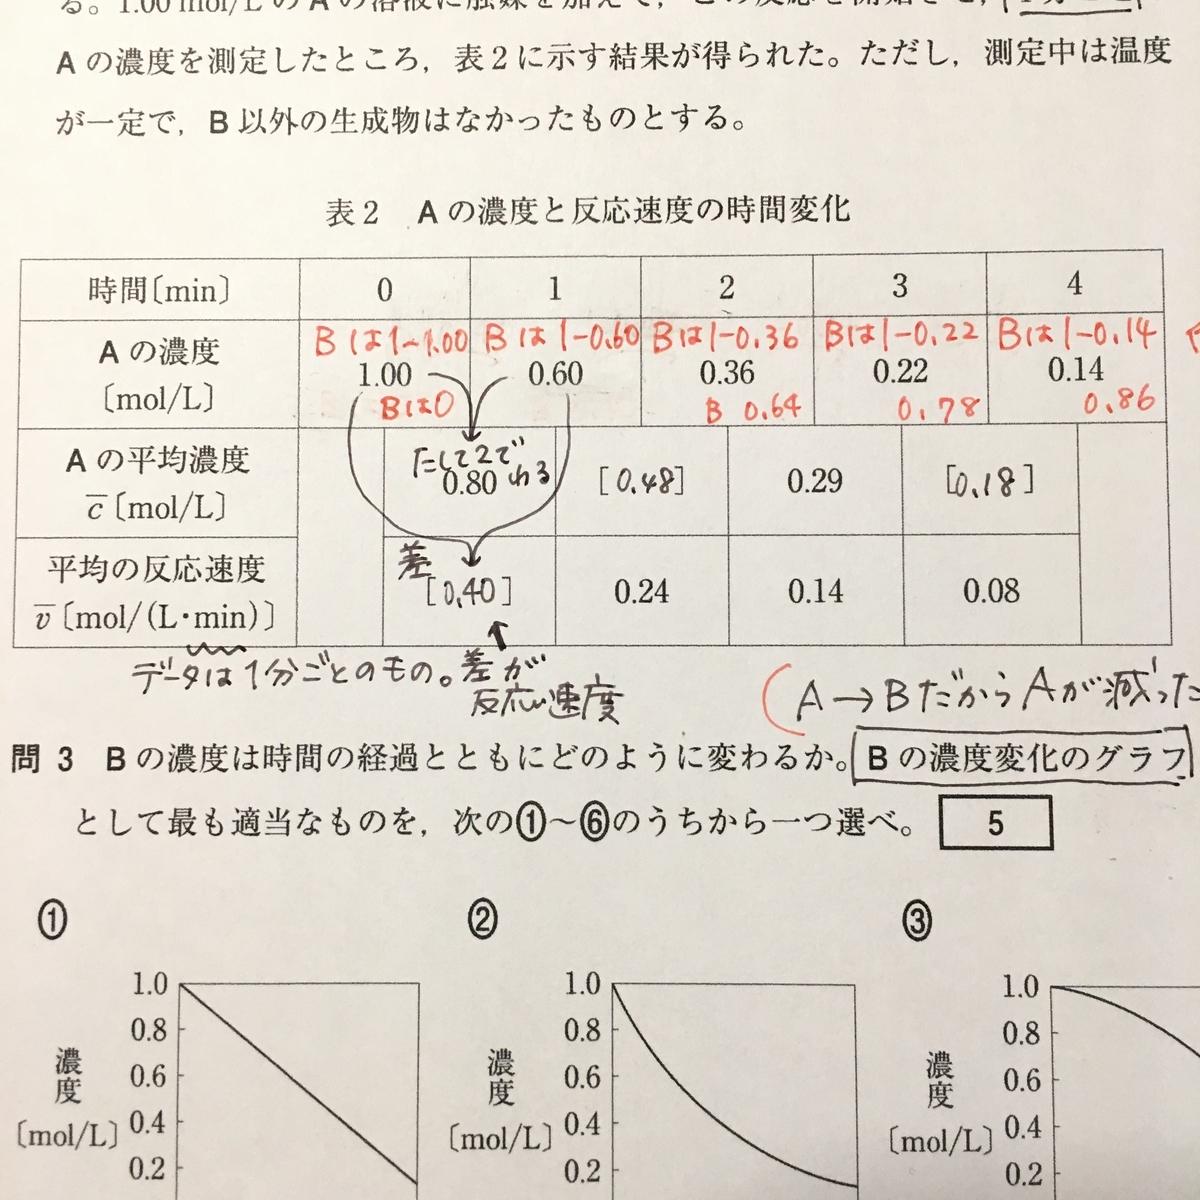 測定 反応 速度 【スマブラ】【議論】反応速度を測定できるサイトで測ってみた結果wwwwww